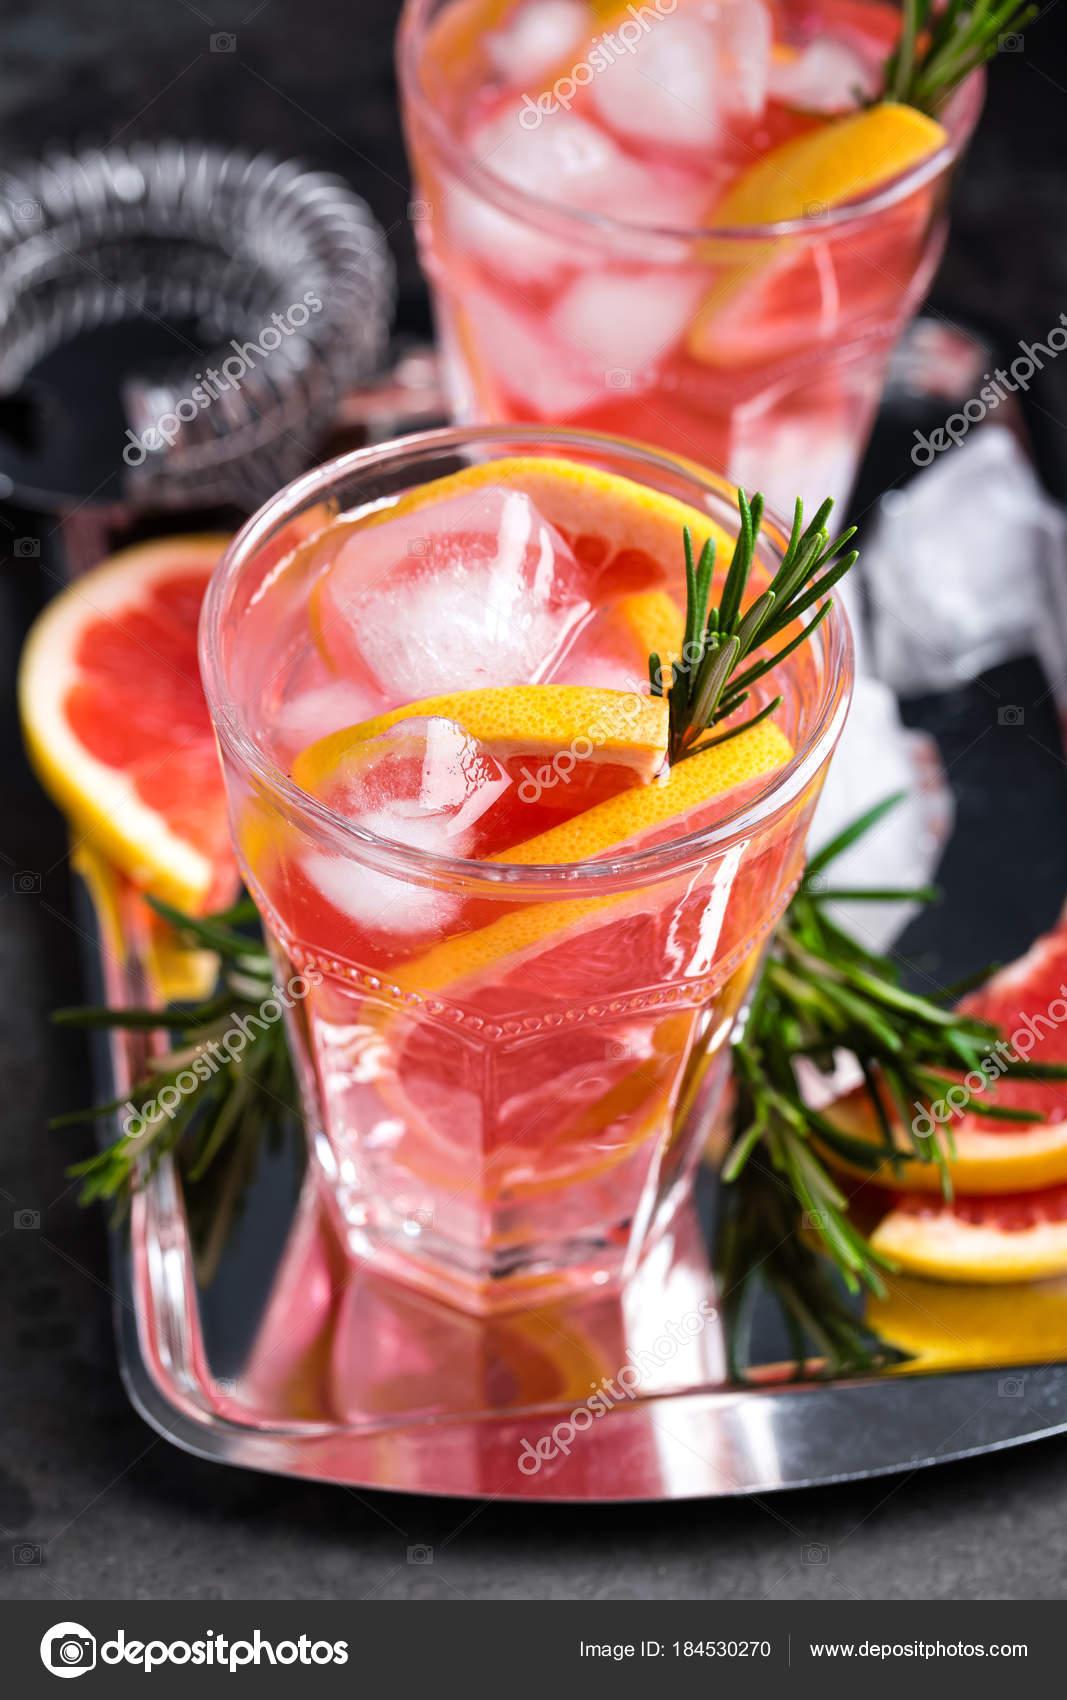 Grapefruit Und Frischen Rosmarin Gin Cocktail Mit Saft Kalter Sommer ...